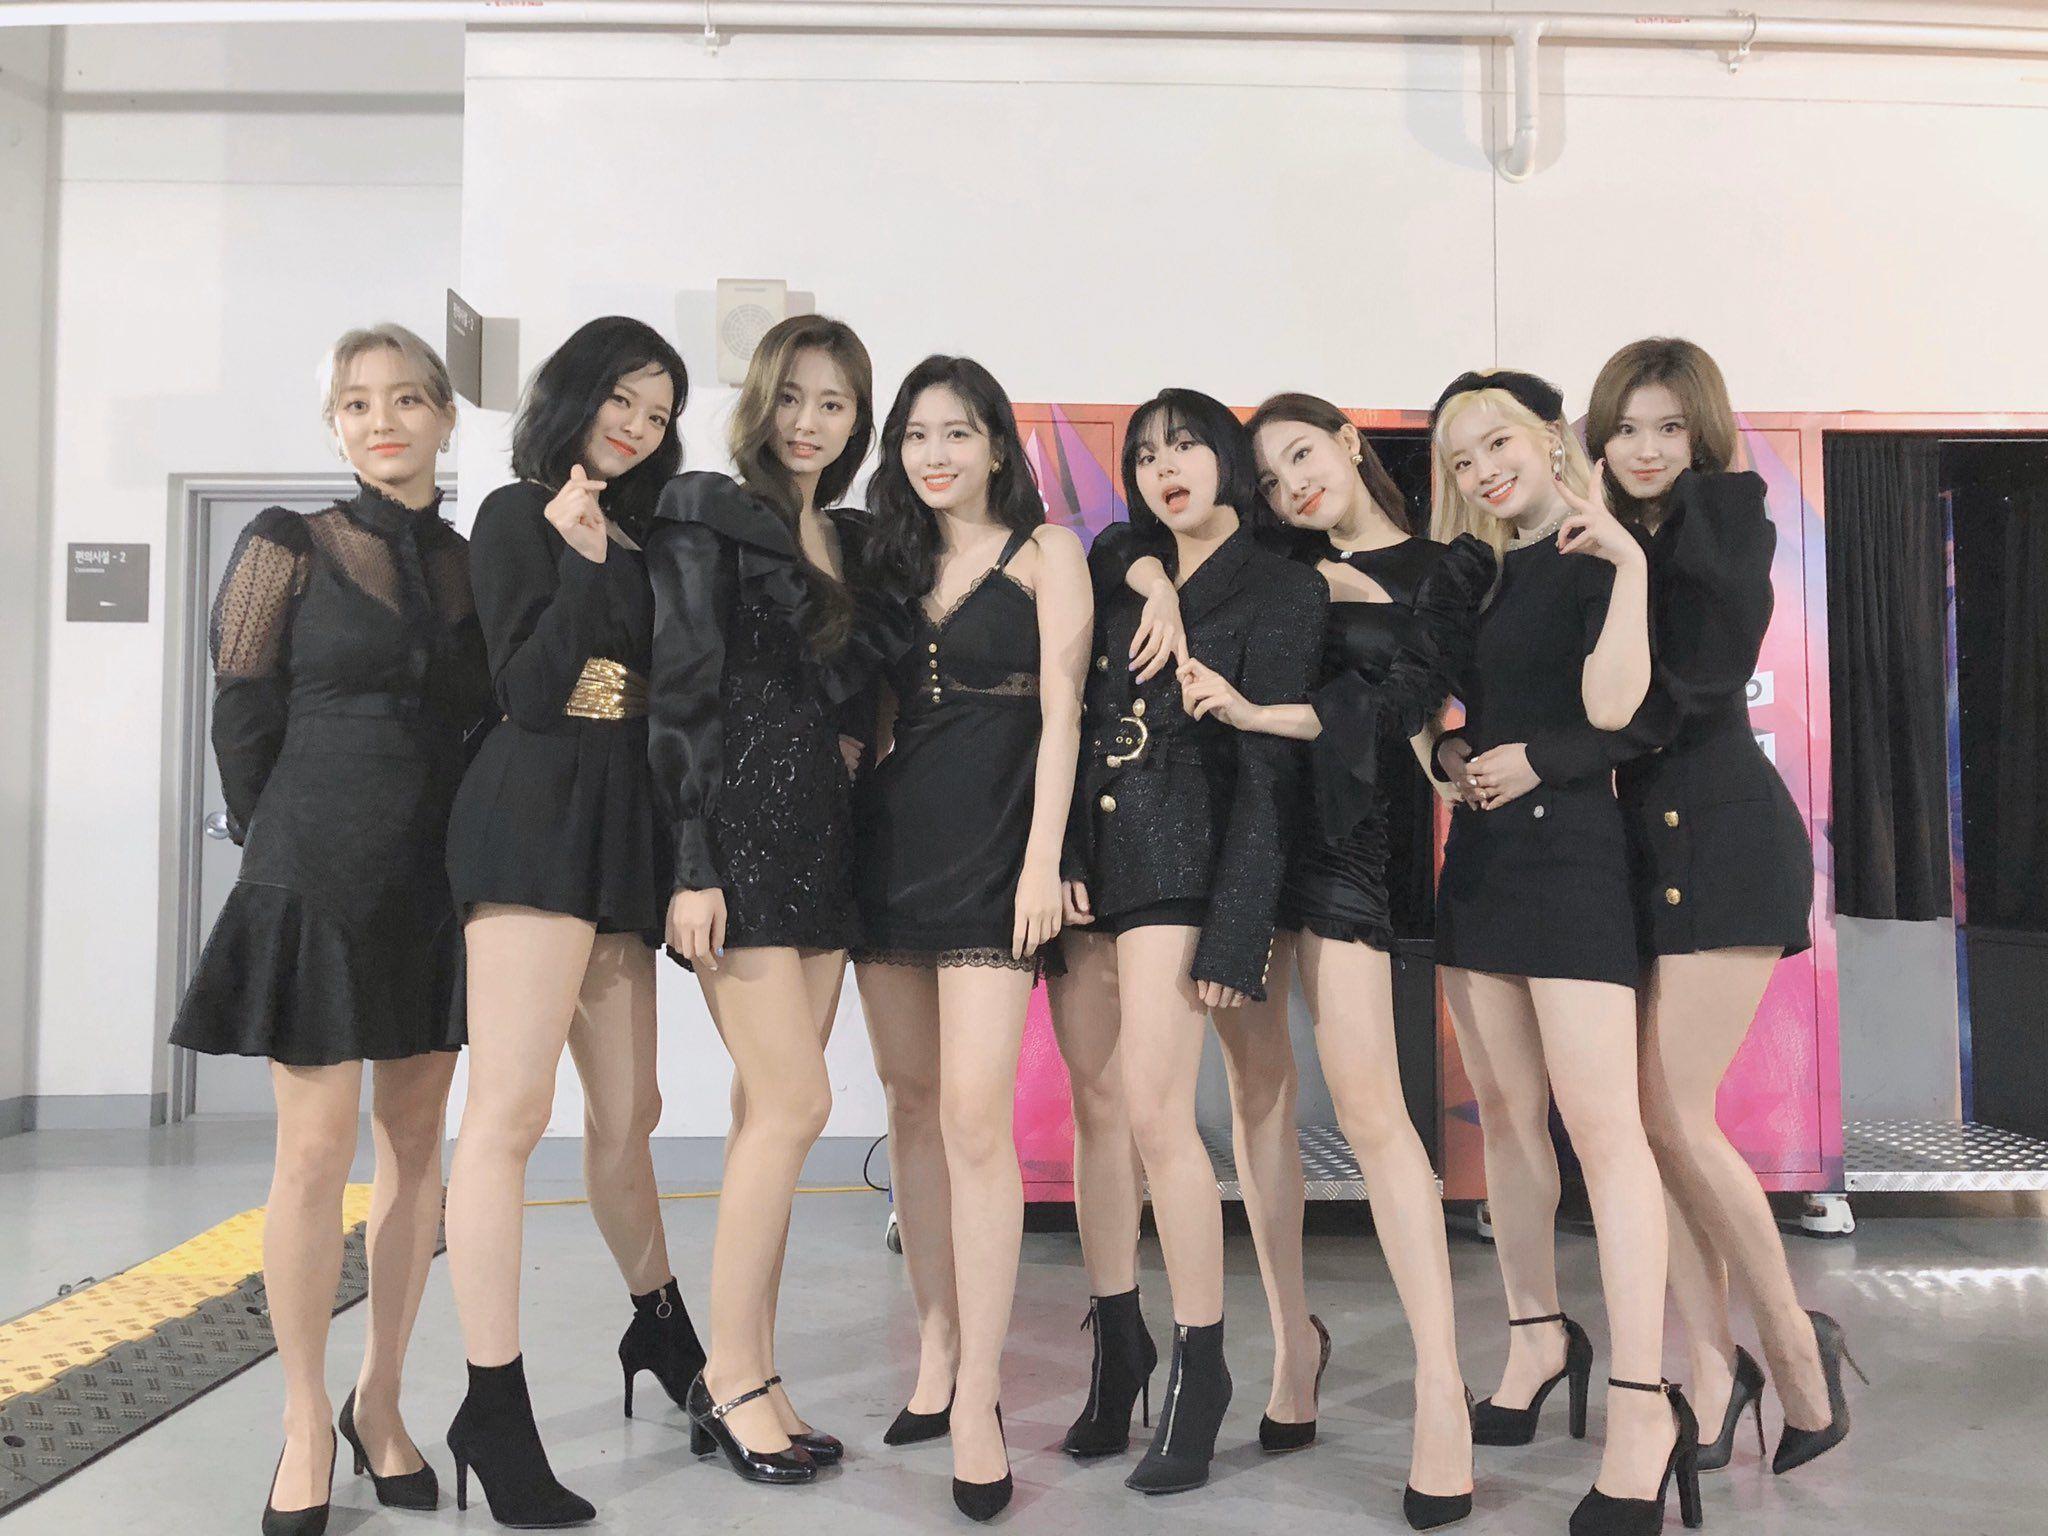 Khi diện váy ngắn và đi giày cao gót, body của Twice trở nên quyến rũ, nổi bật hơn hẳn.